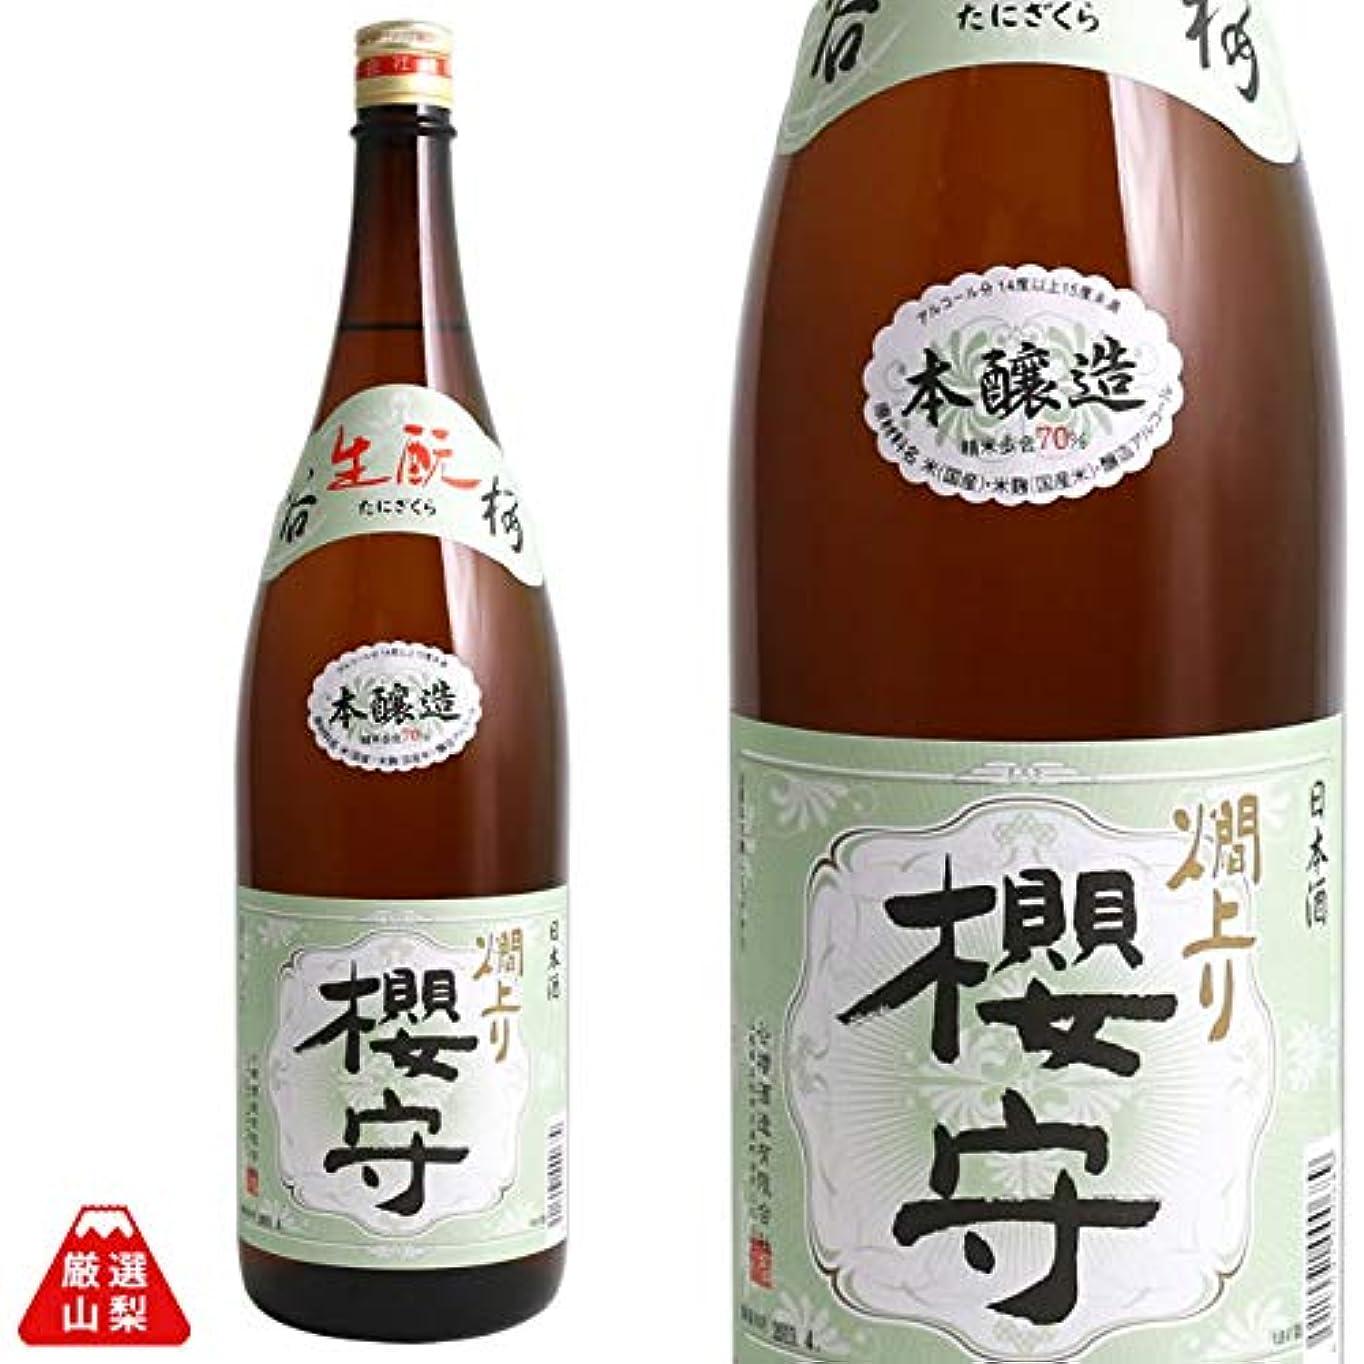 ドラムのスコア達成山梨県 地酒 日本酒 辛口 あさひの夢 70% 谷櫻酒造 本醸造 櫻守 (1800ml)